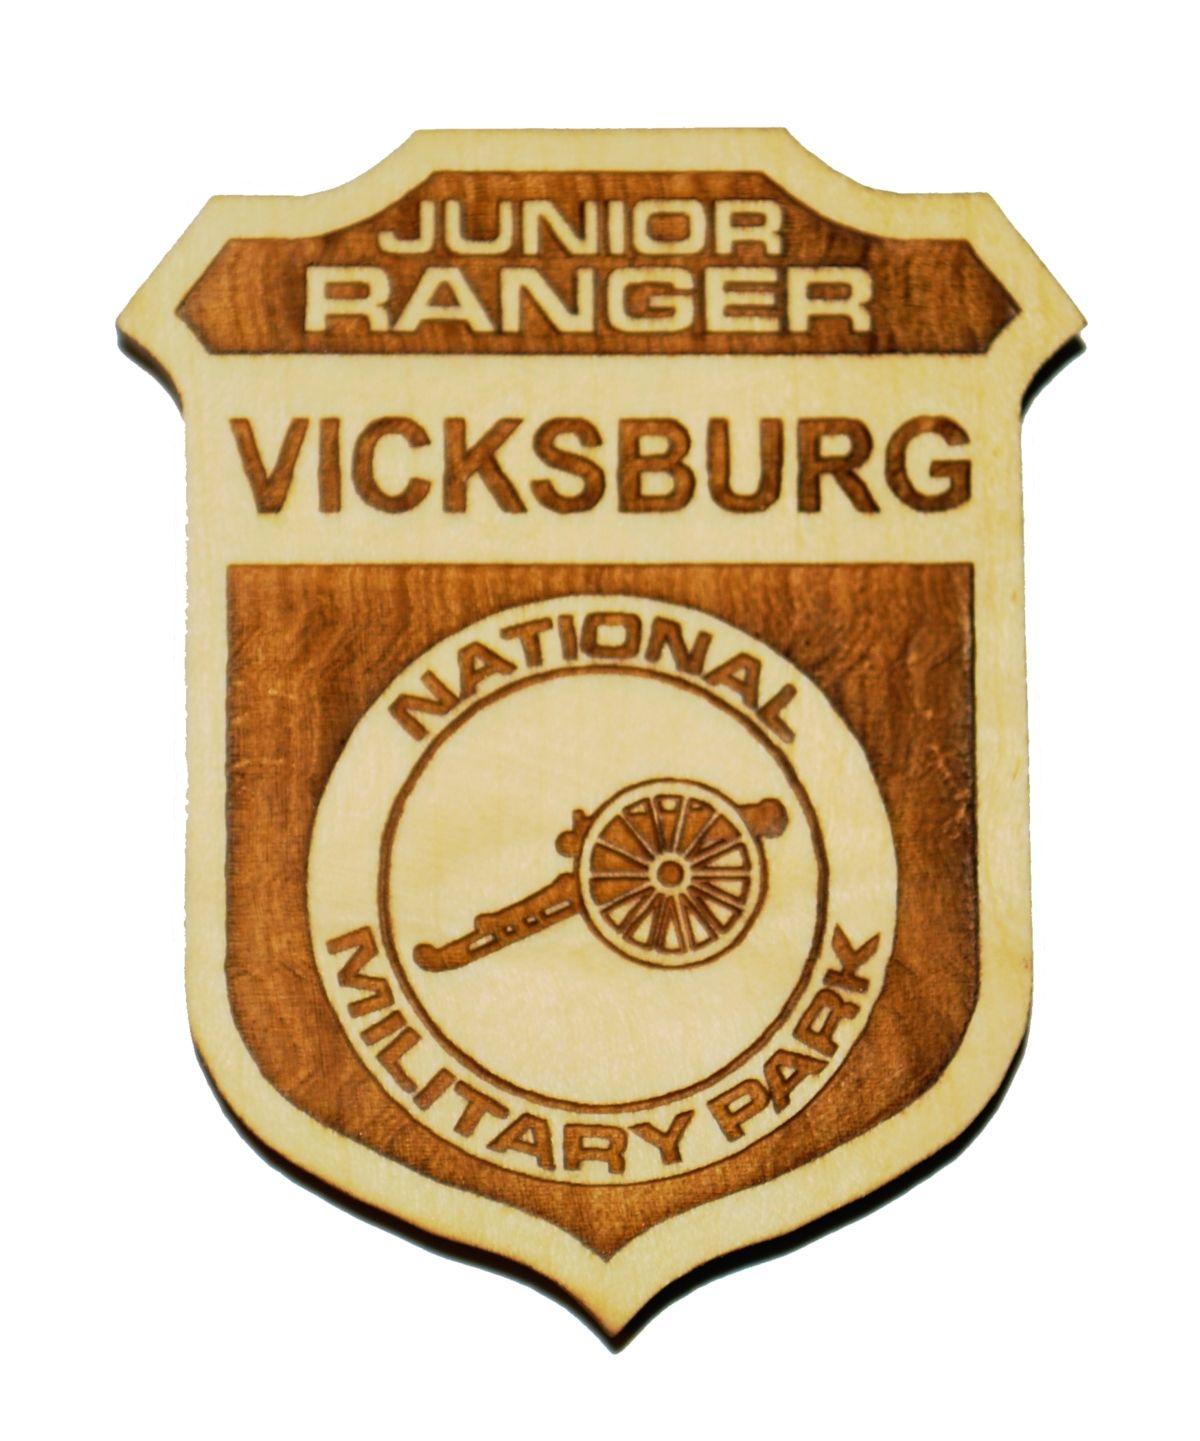 JUNIOR RANGER PROGRAM Custom made Junior Ranger badge